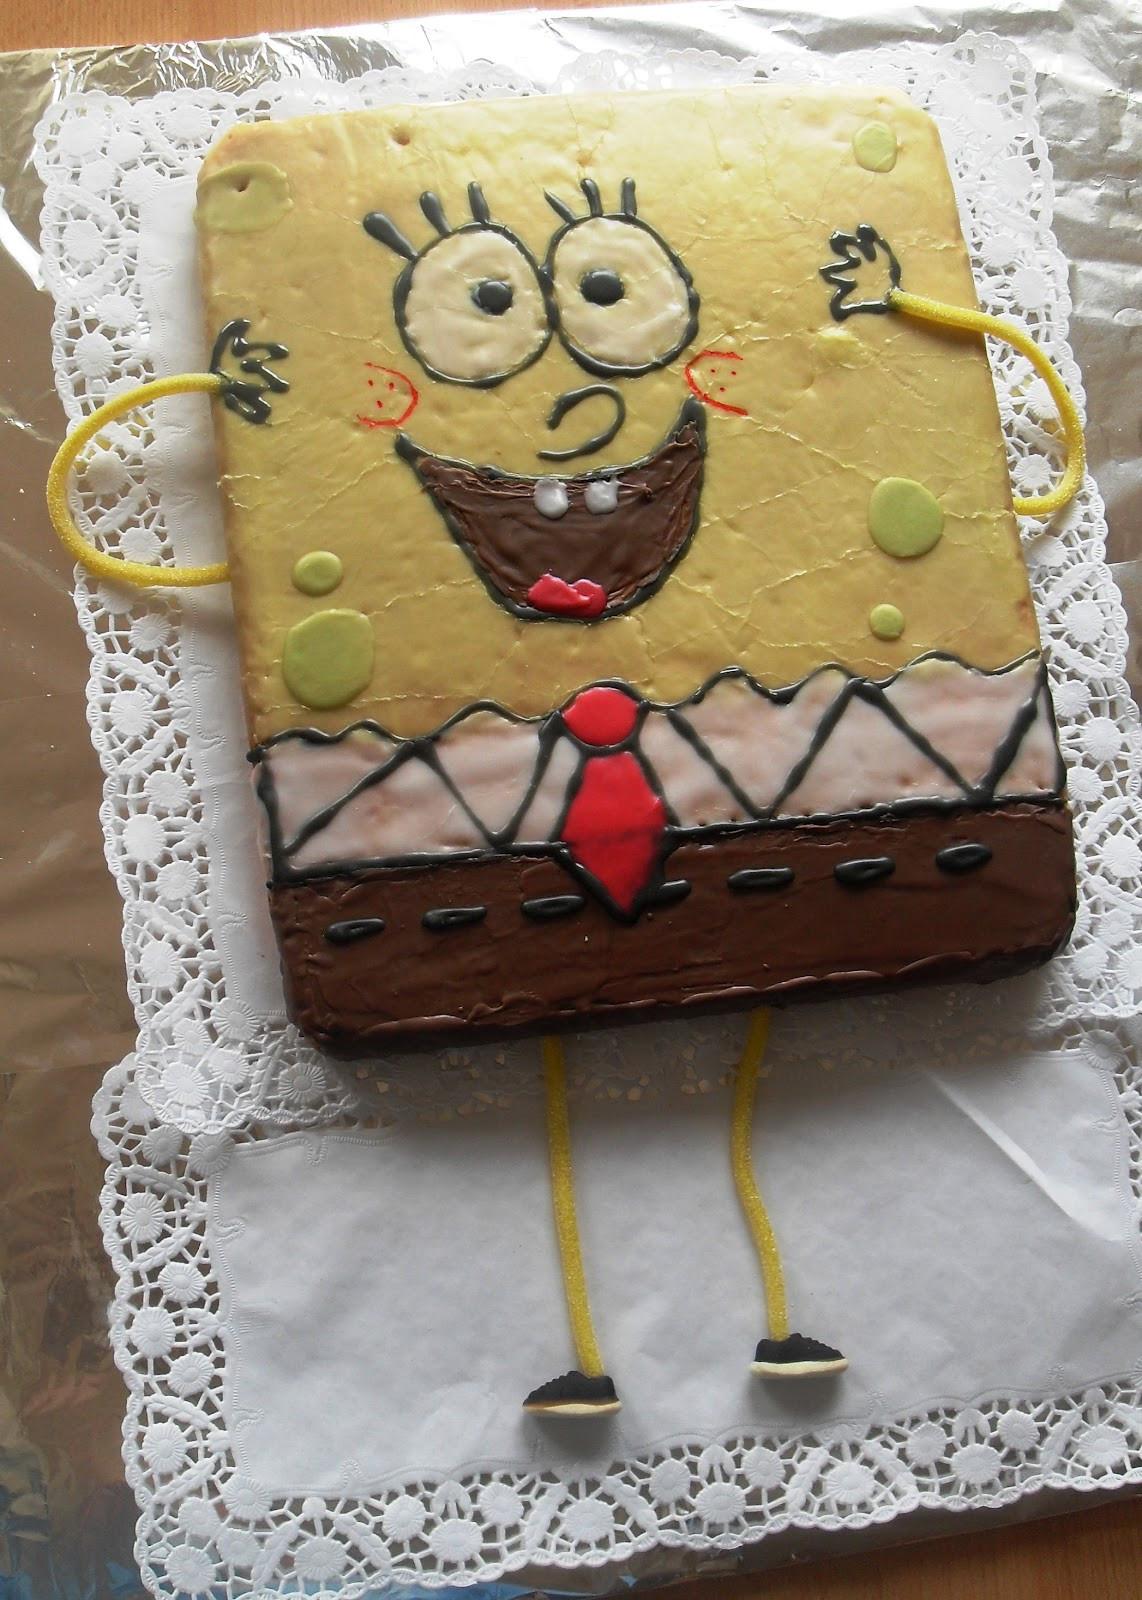 Spongebob Kuchen  Sanna´s Hexenküche Spongebob Kuchen zum Kindergeburtstag